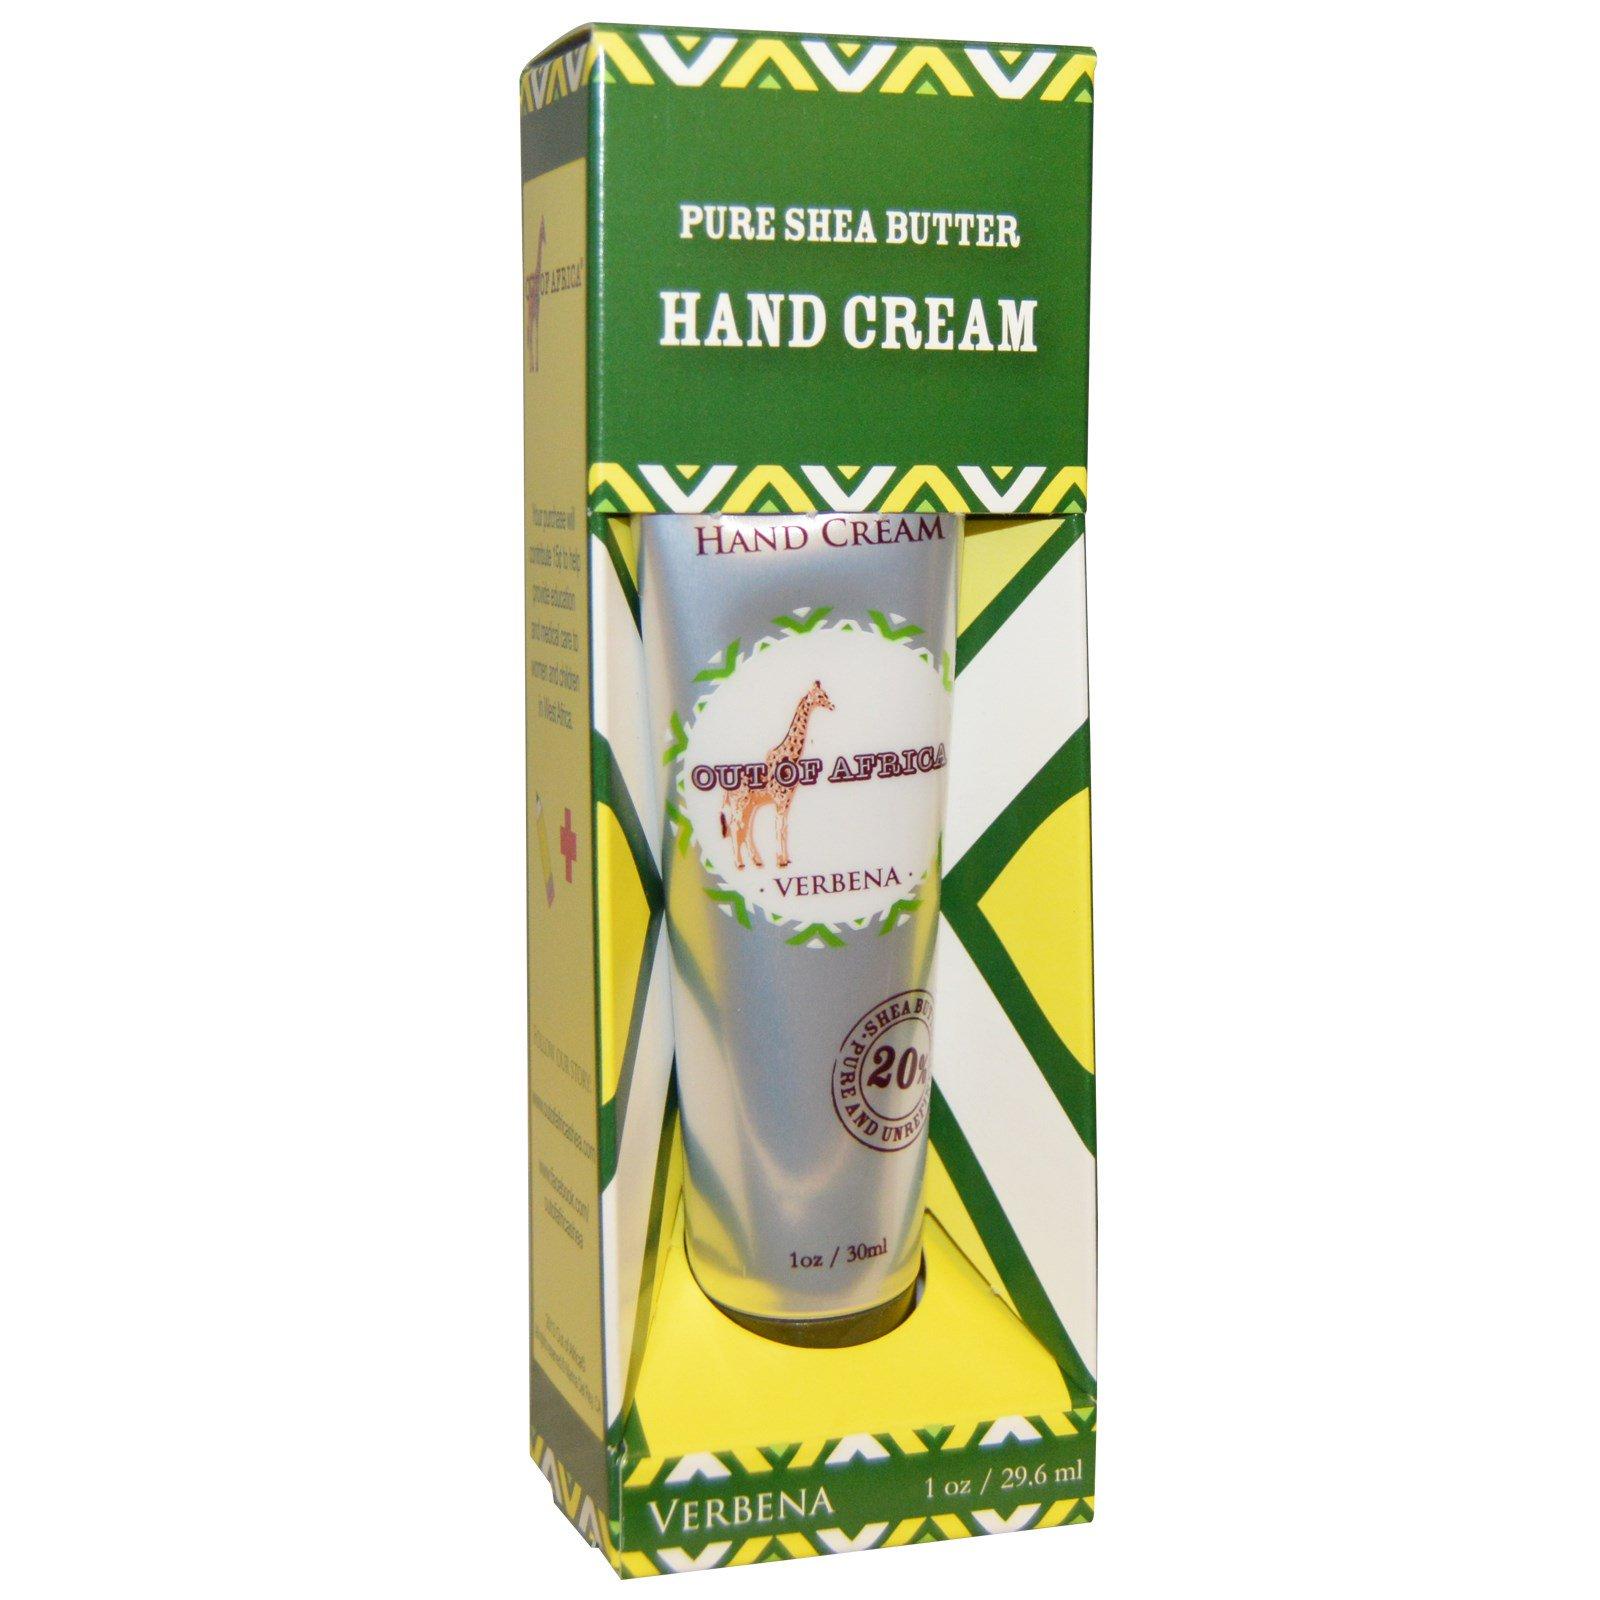 Out of Africa, Крем для рук с чистым маслом ши и вербеной, 1 унция (29.6 мл)